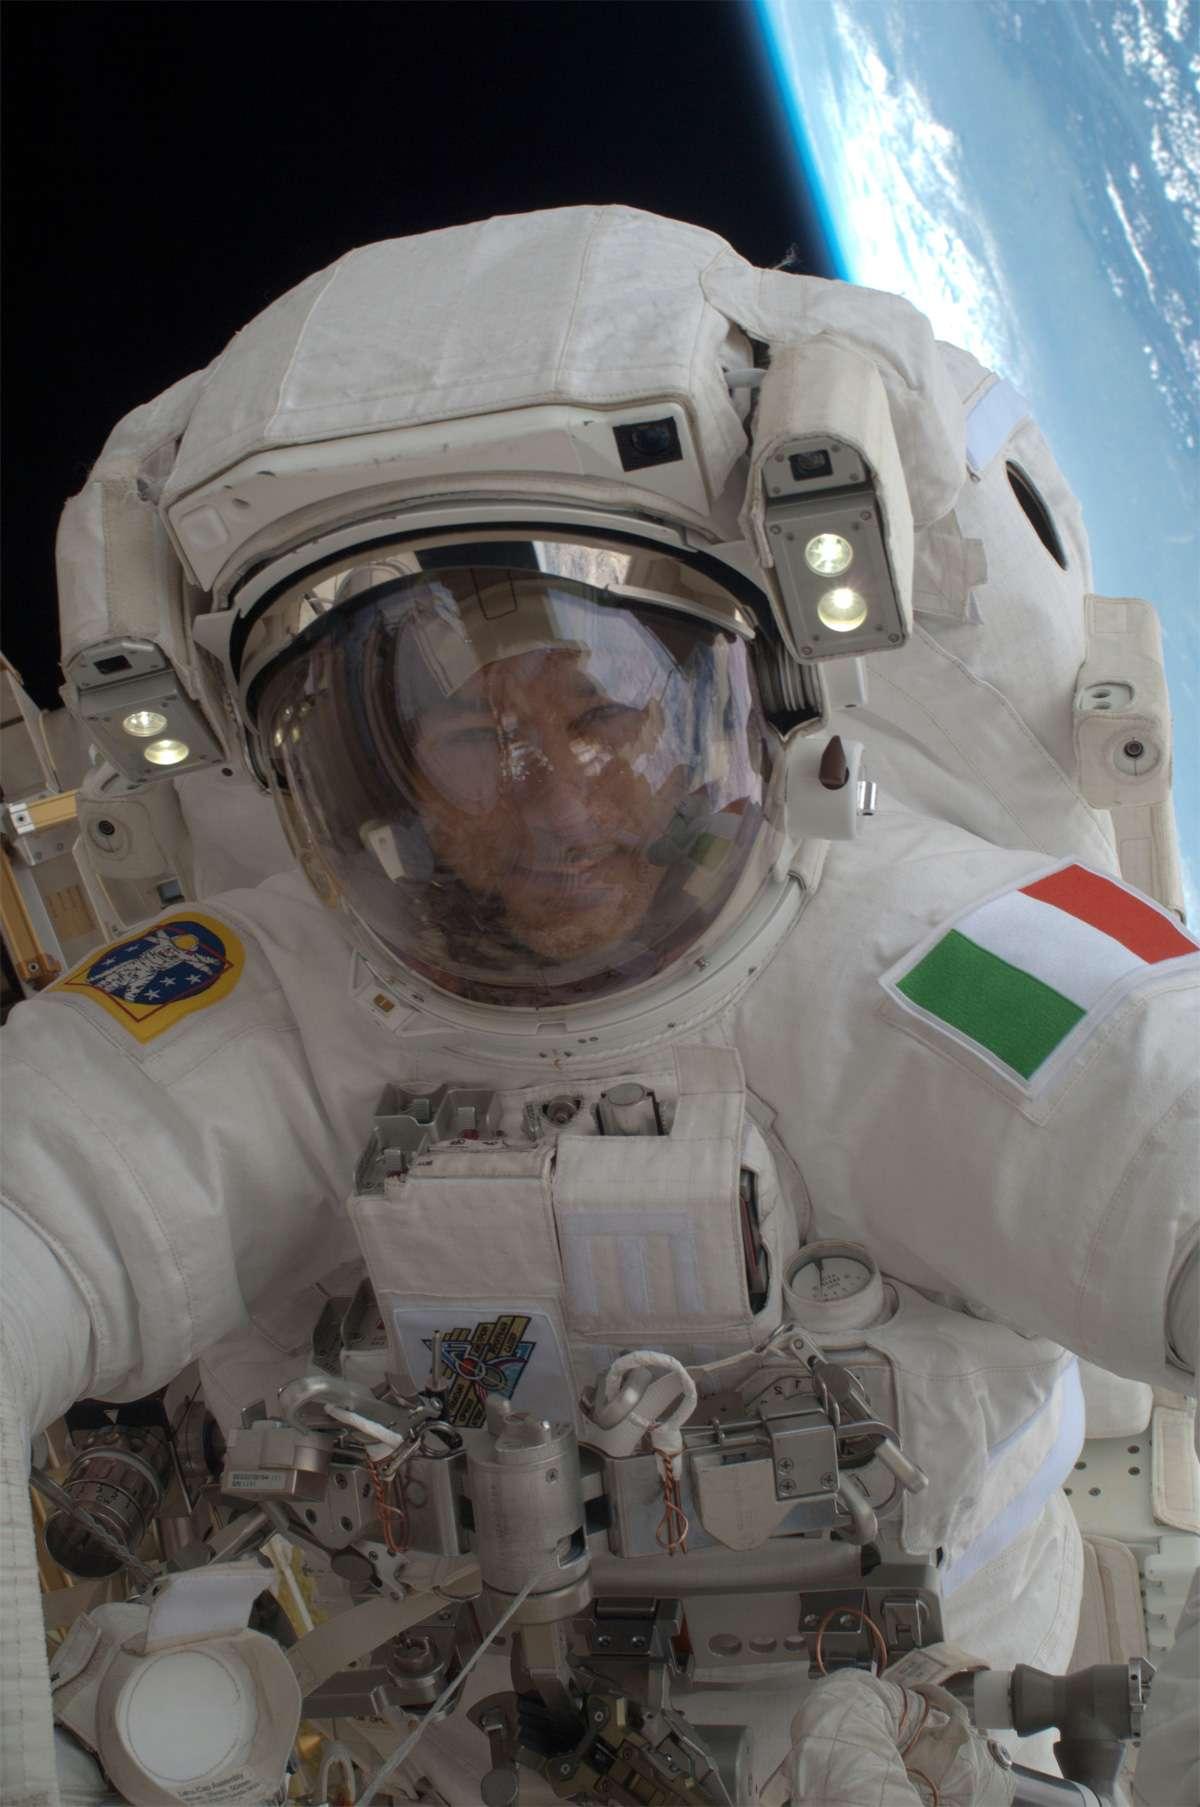 Arborant fièrement les couleurs italiennes, Luca Parmitano est le premier astronaute transalpin à sortir dans l'espace. © Nasa